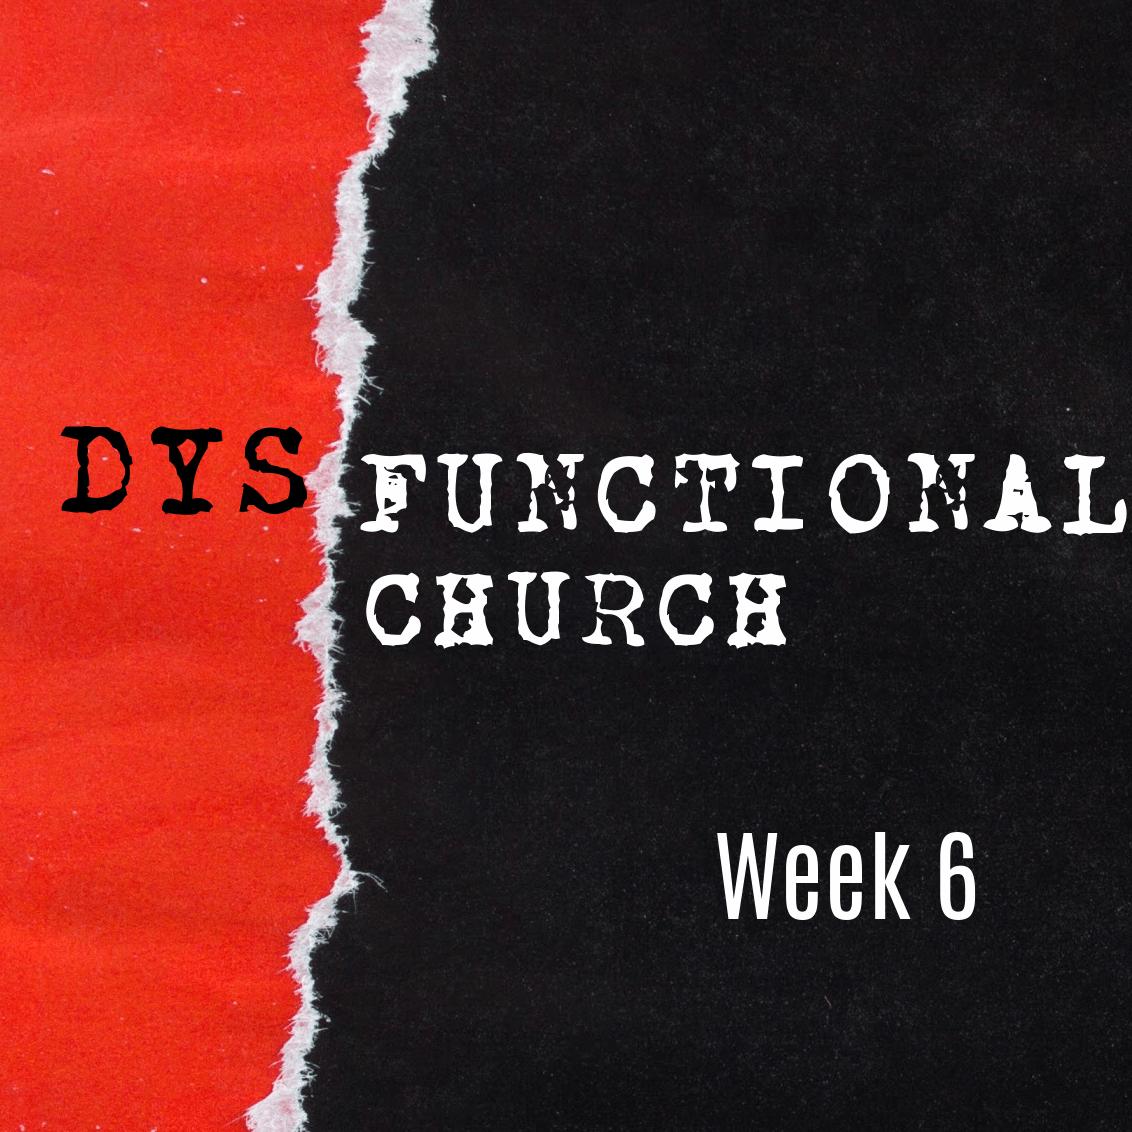 Dysfunctional Church – Week 6